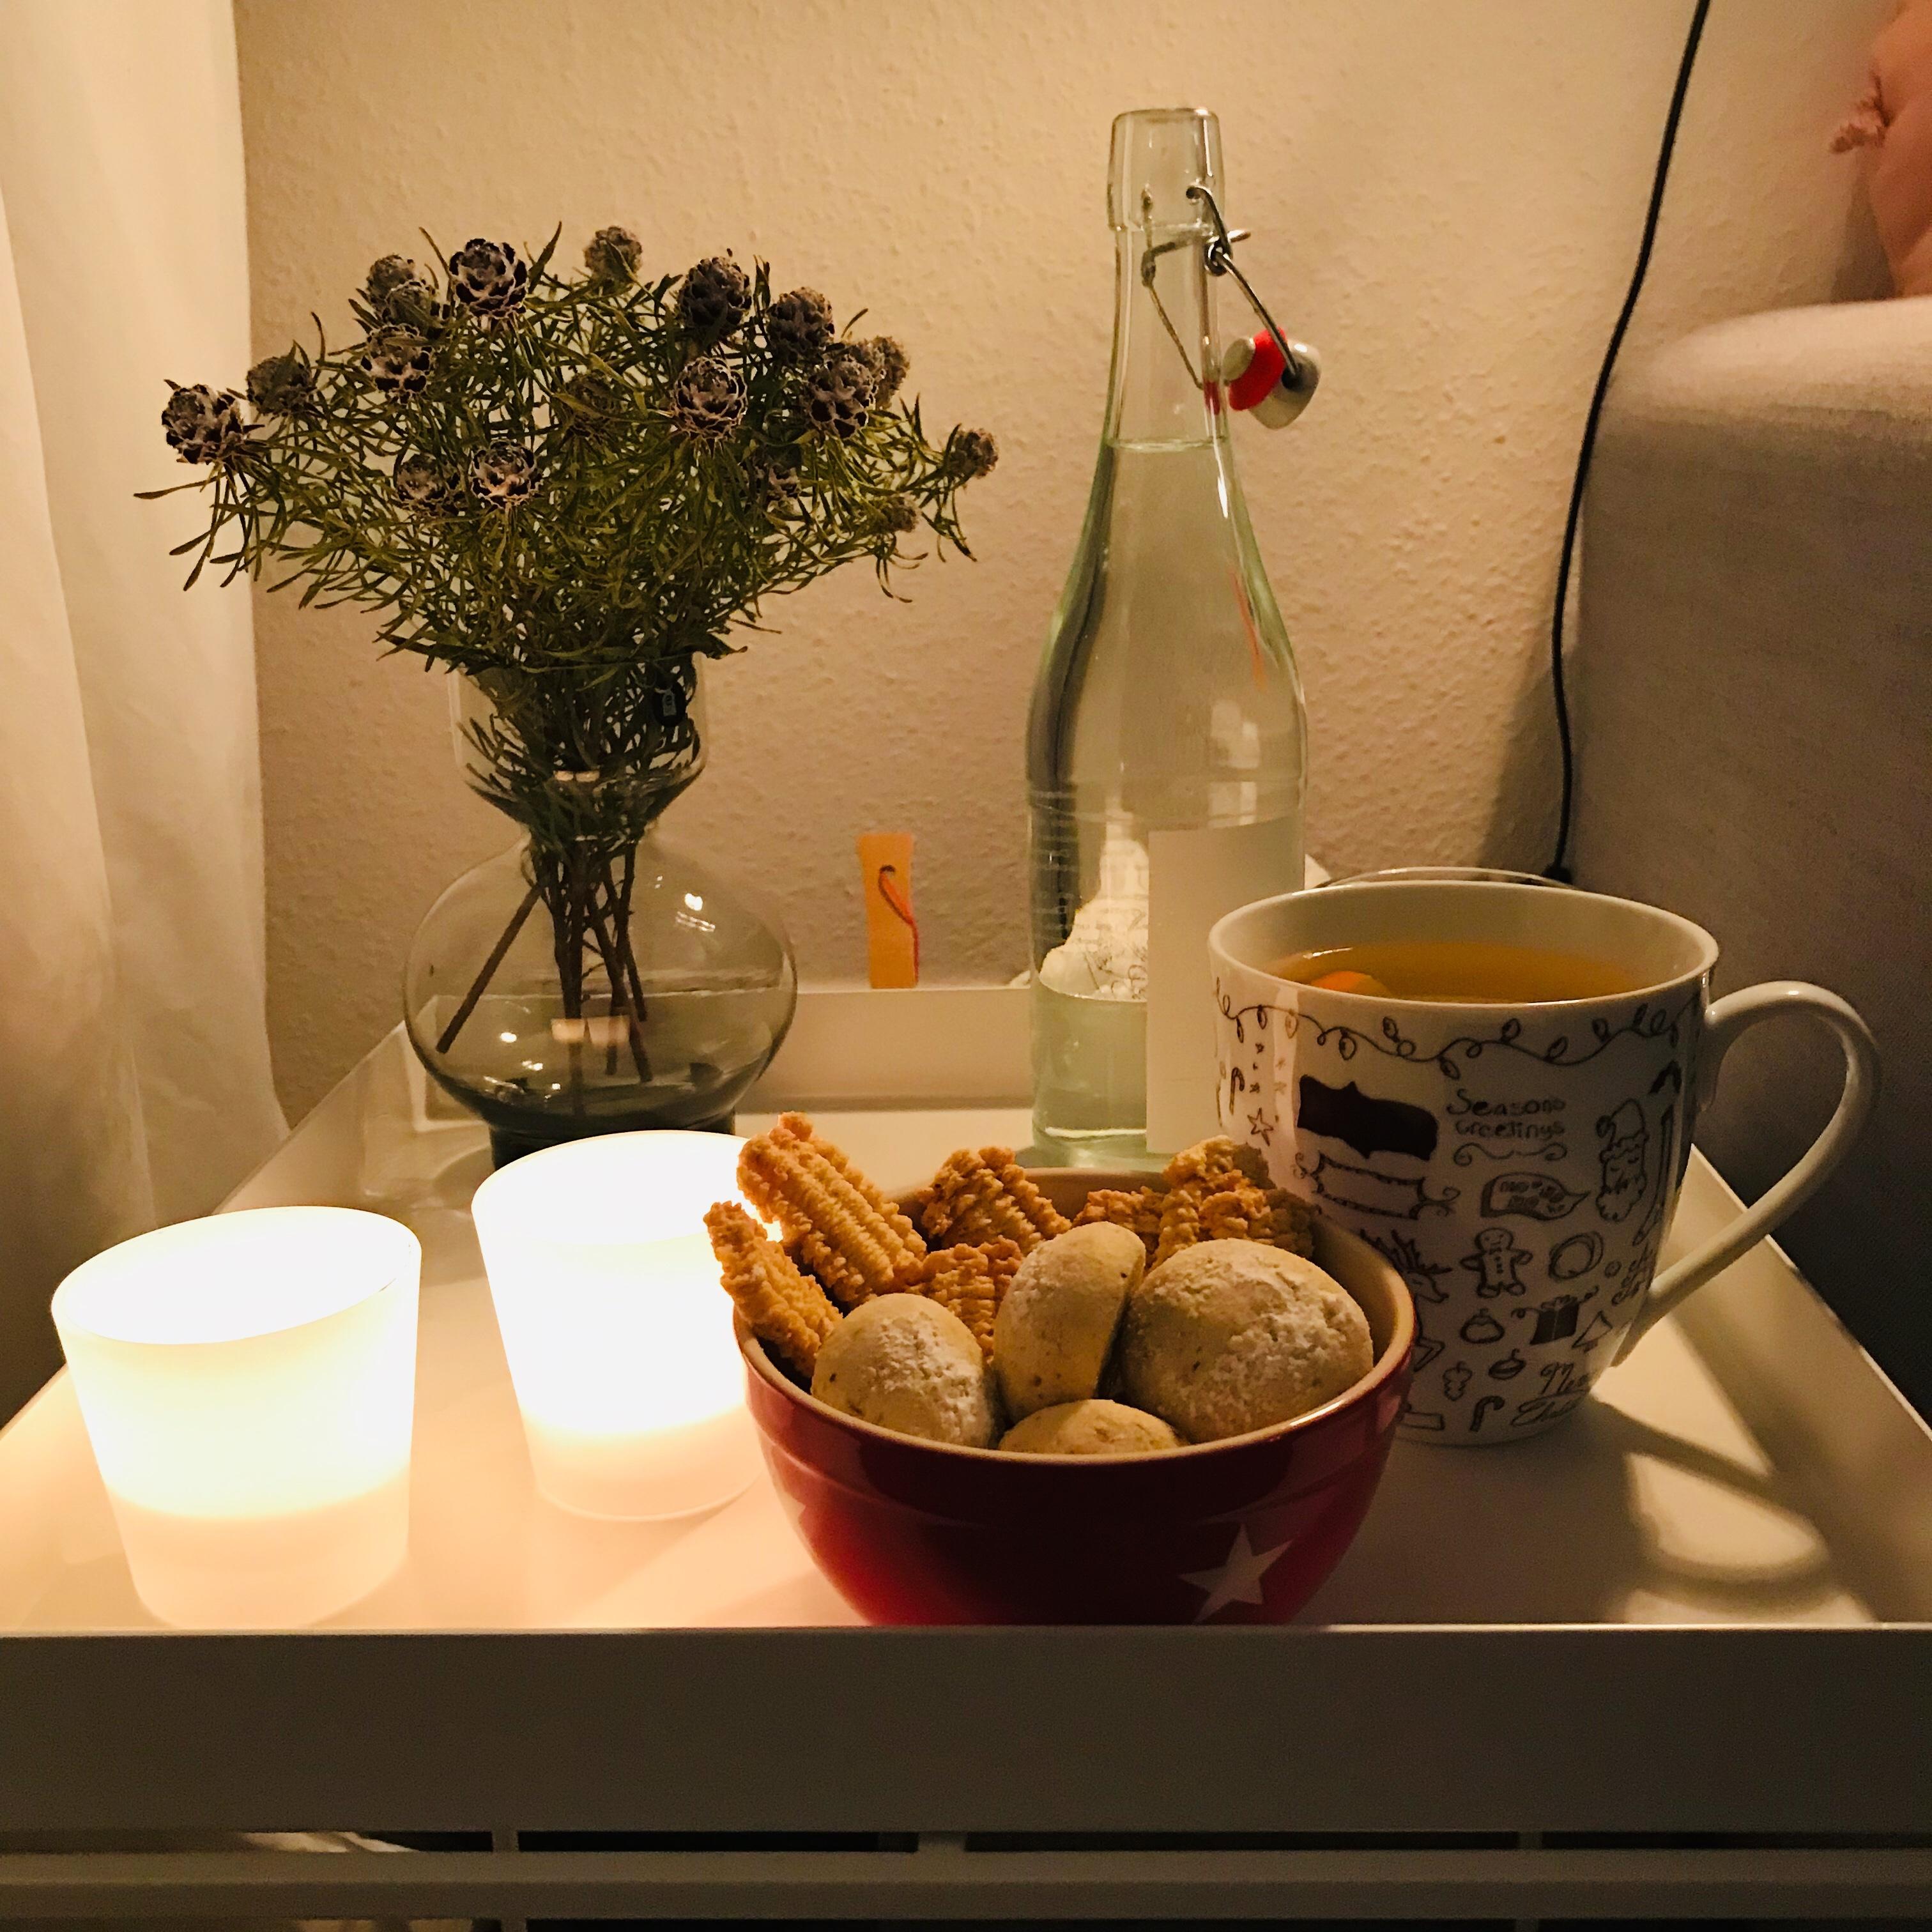 Kekse auf dem Tisch mit Kerzen und Tee